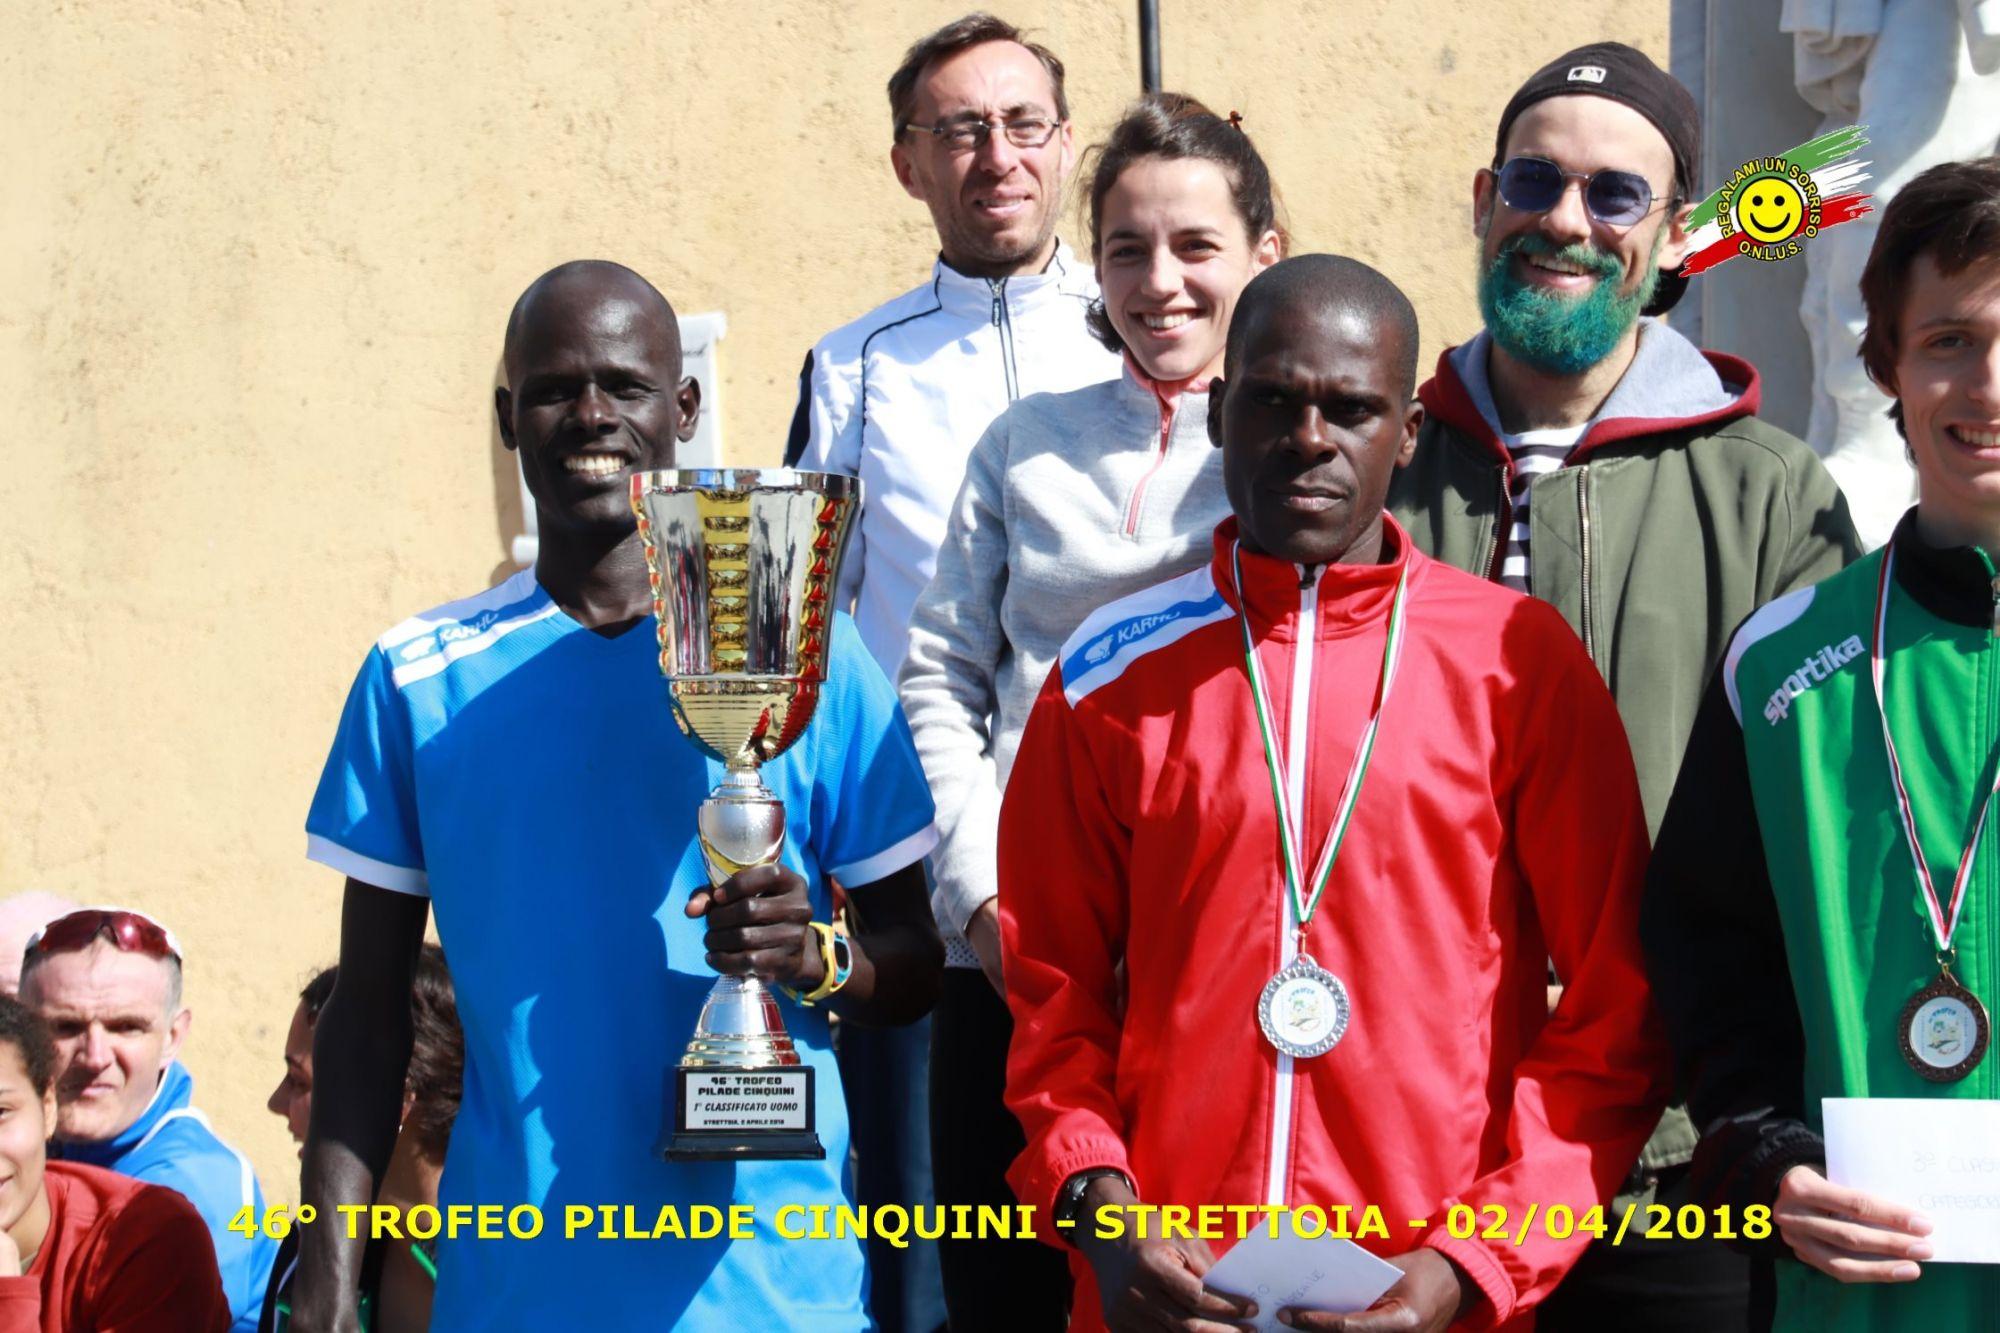 Jonathan Kanda vince il trofeo Cinquini di Pietrasanta